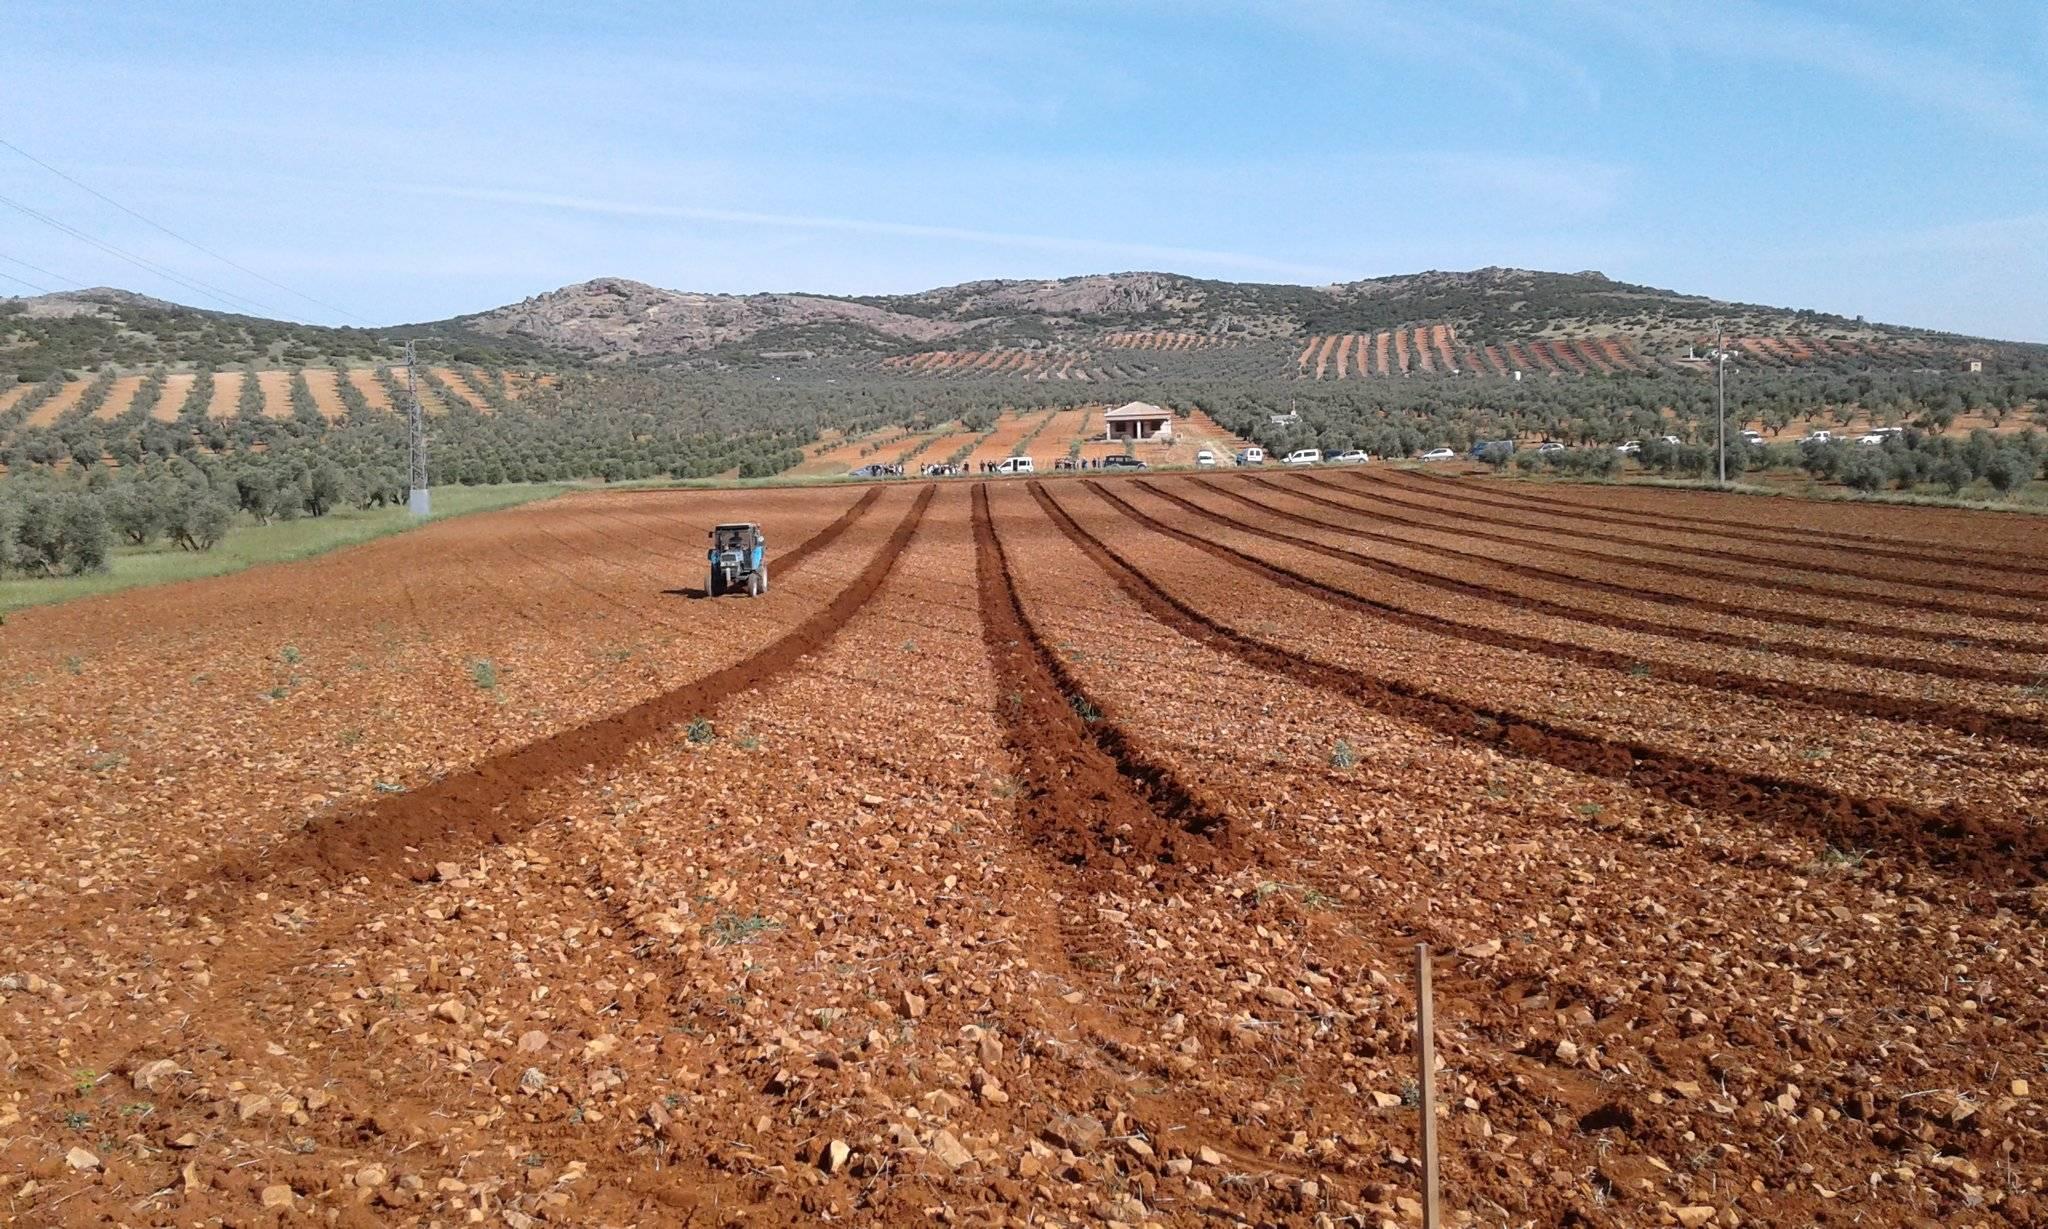 concurso de destreza de arado 2017 en herencia san isidro 2 - Resultados del I Concurso de destreza de arado en Romería San Isidro